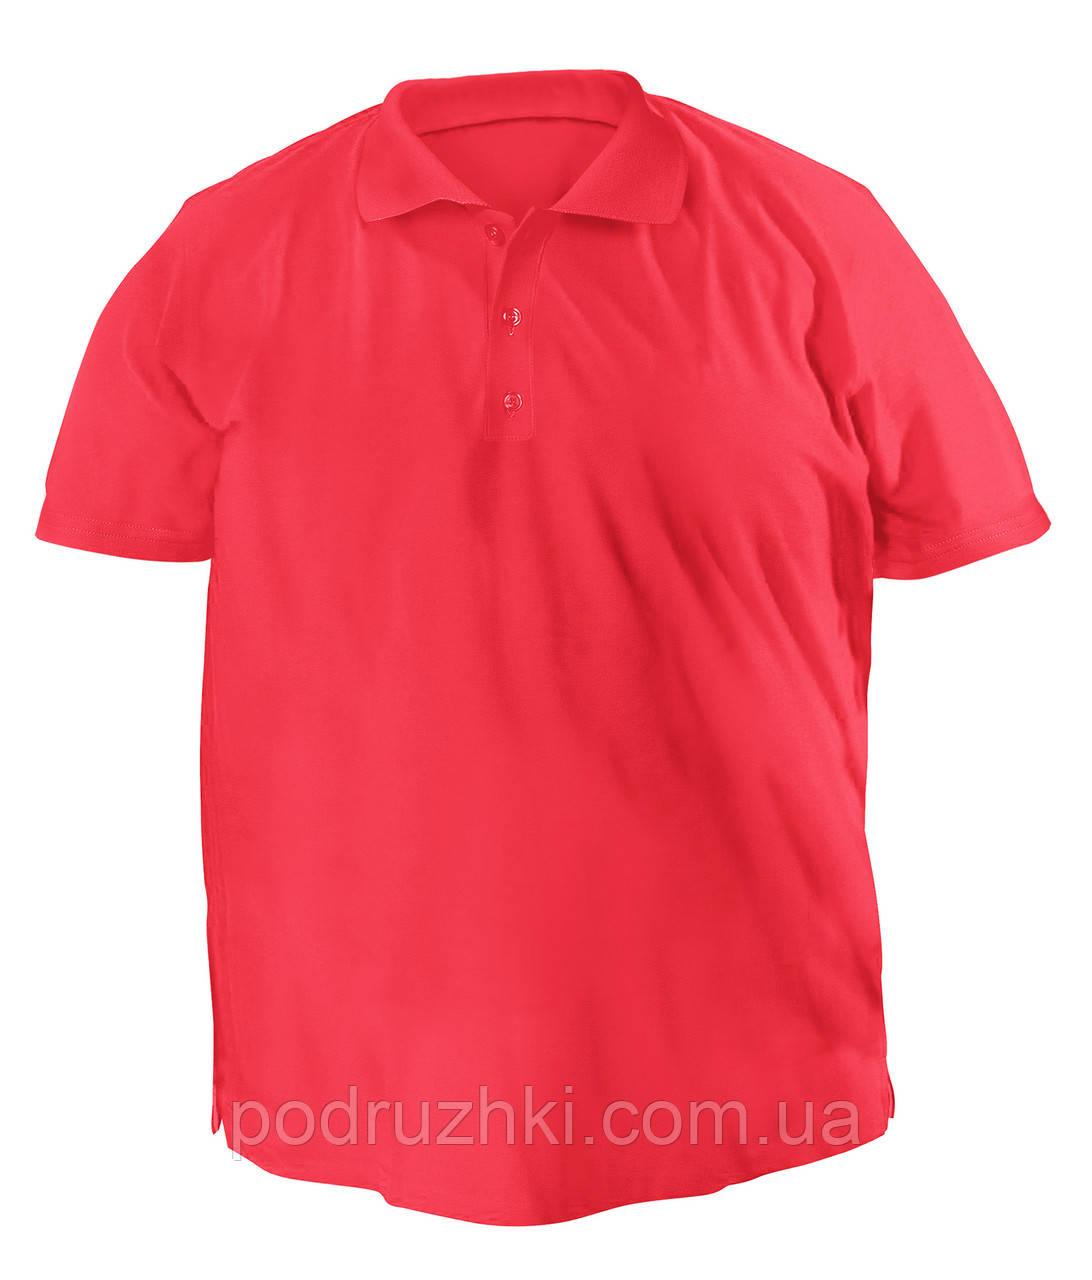 1bf4279248c8e Футболка мужская поло большого размера кораллового цвета, цена 270 грн.,  купить в Запорожье — Prom.ua (ID#585488079)